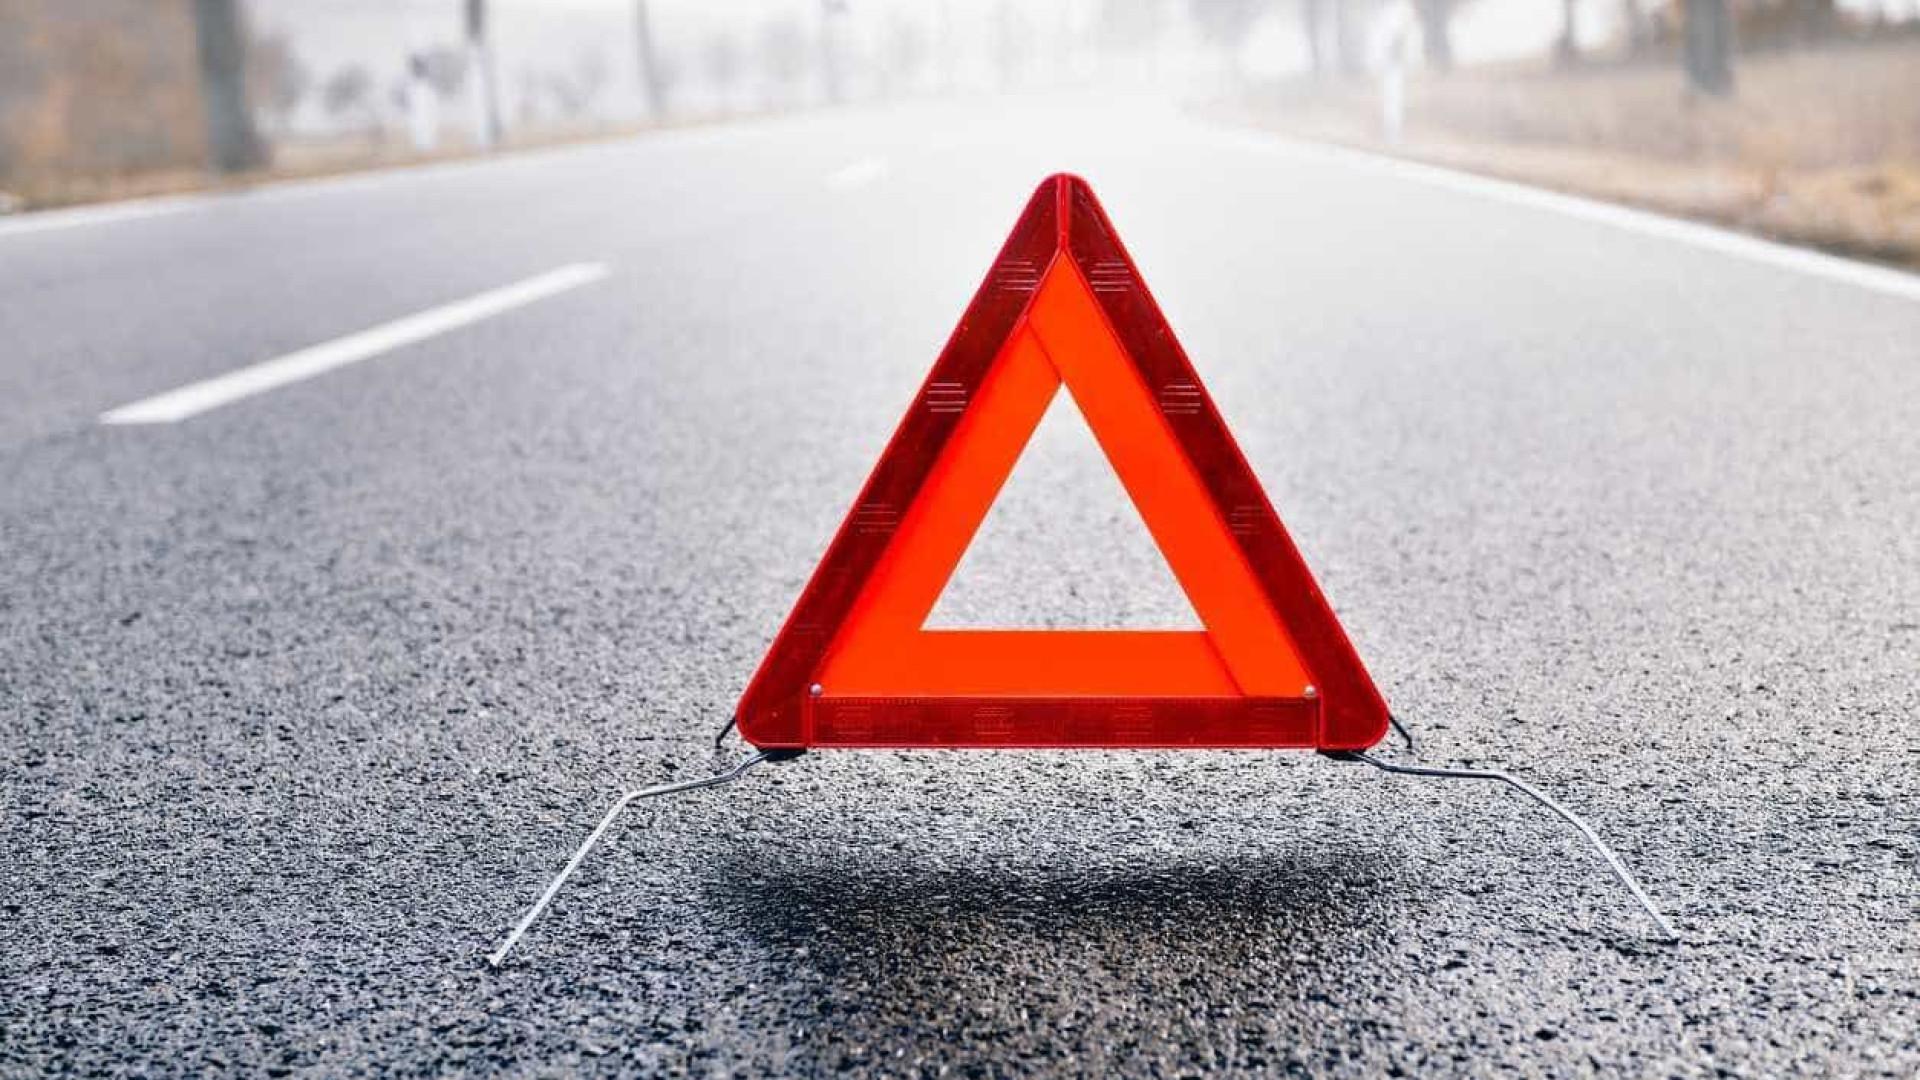 Motociclista de 54 anos morre em despiste na zona de Mafra